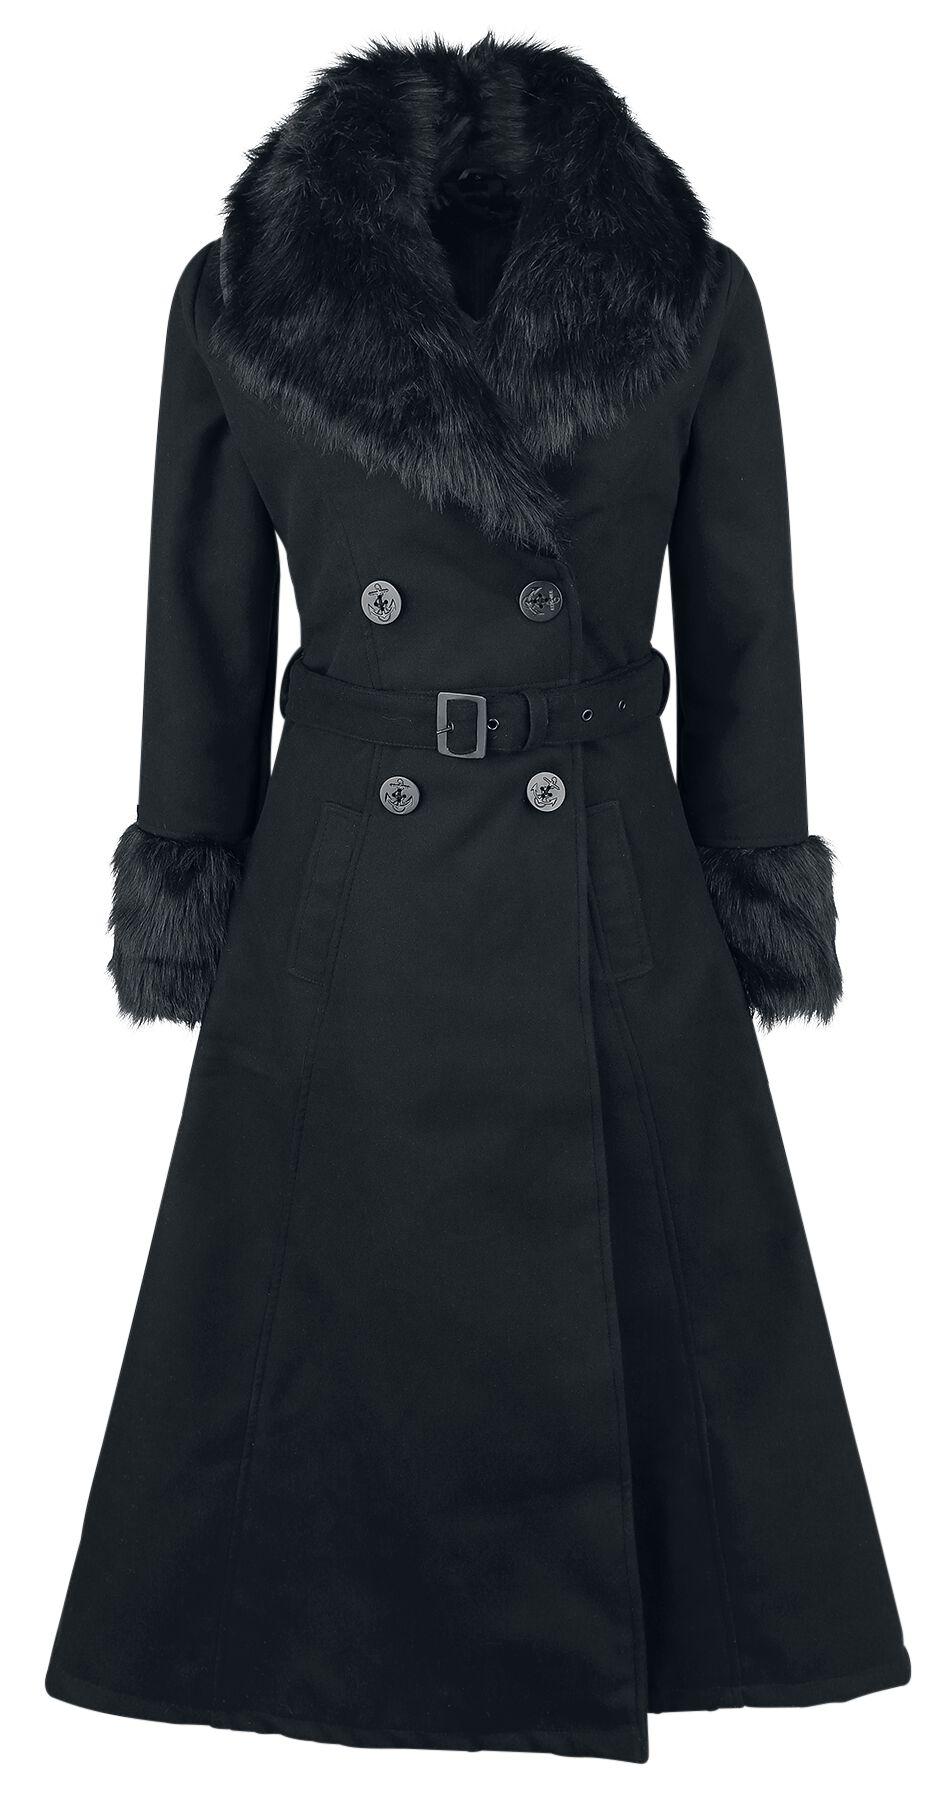 Marki - Płaszcze - Płaszcz damski Rockabella Bianca Coat Płaszcz damski czarny - 364054